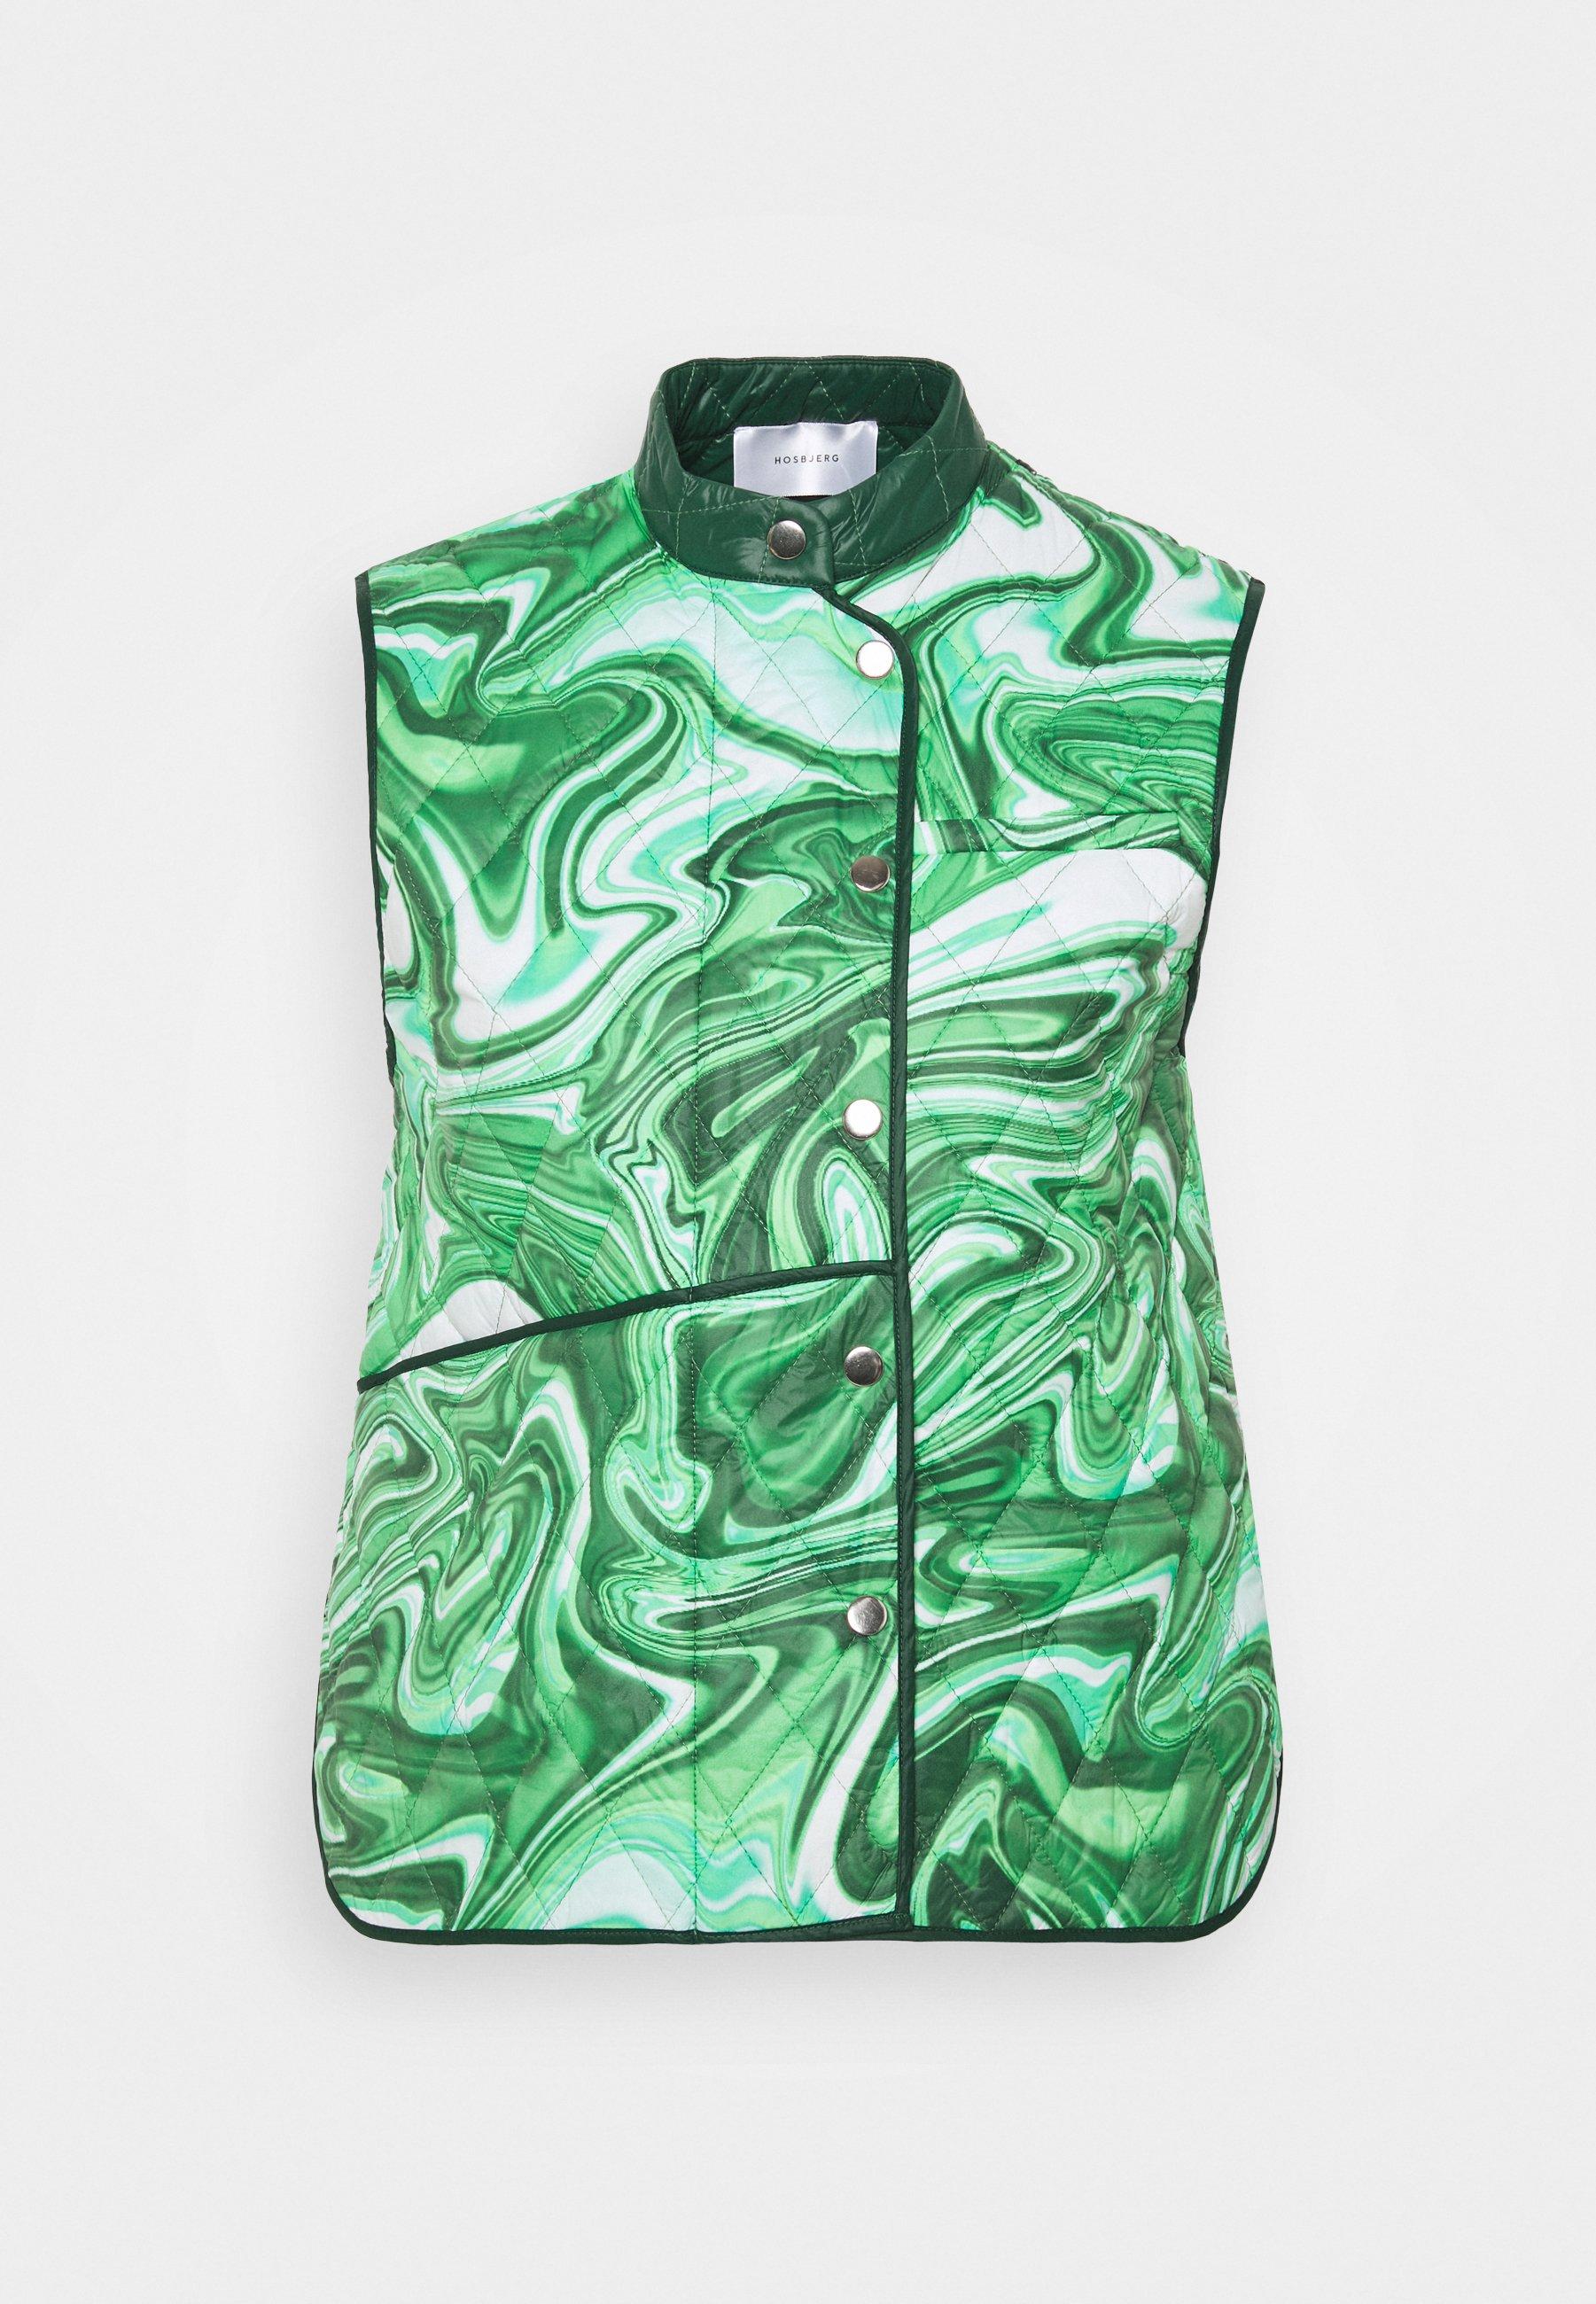 Women ALICE VICTORIA VEST - Waistcoat - green